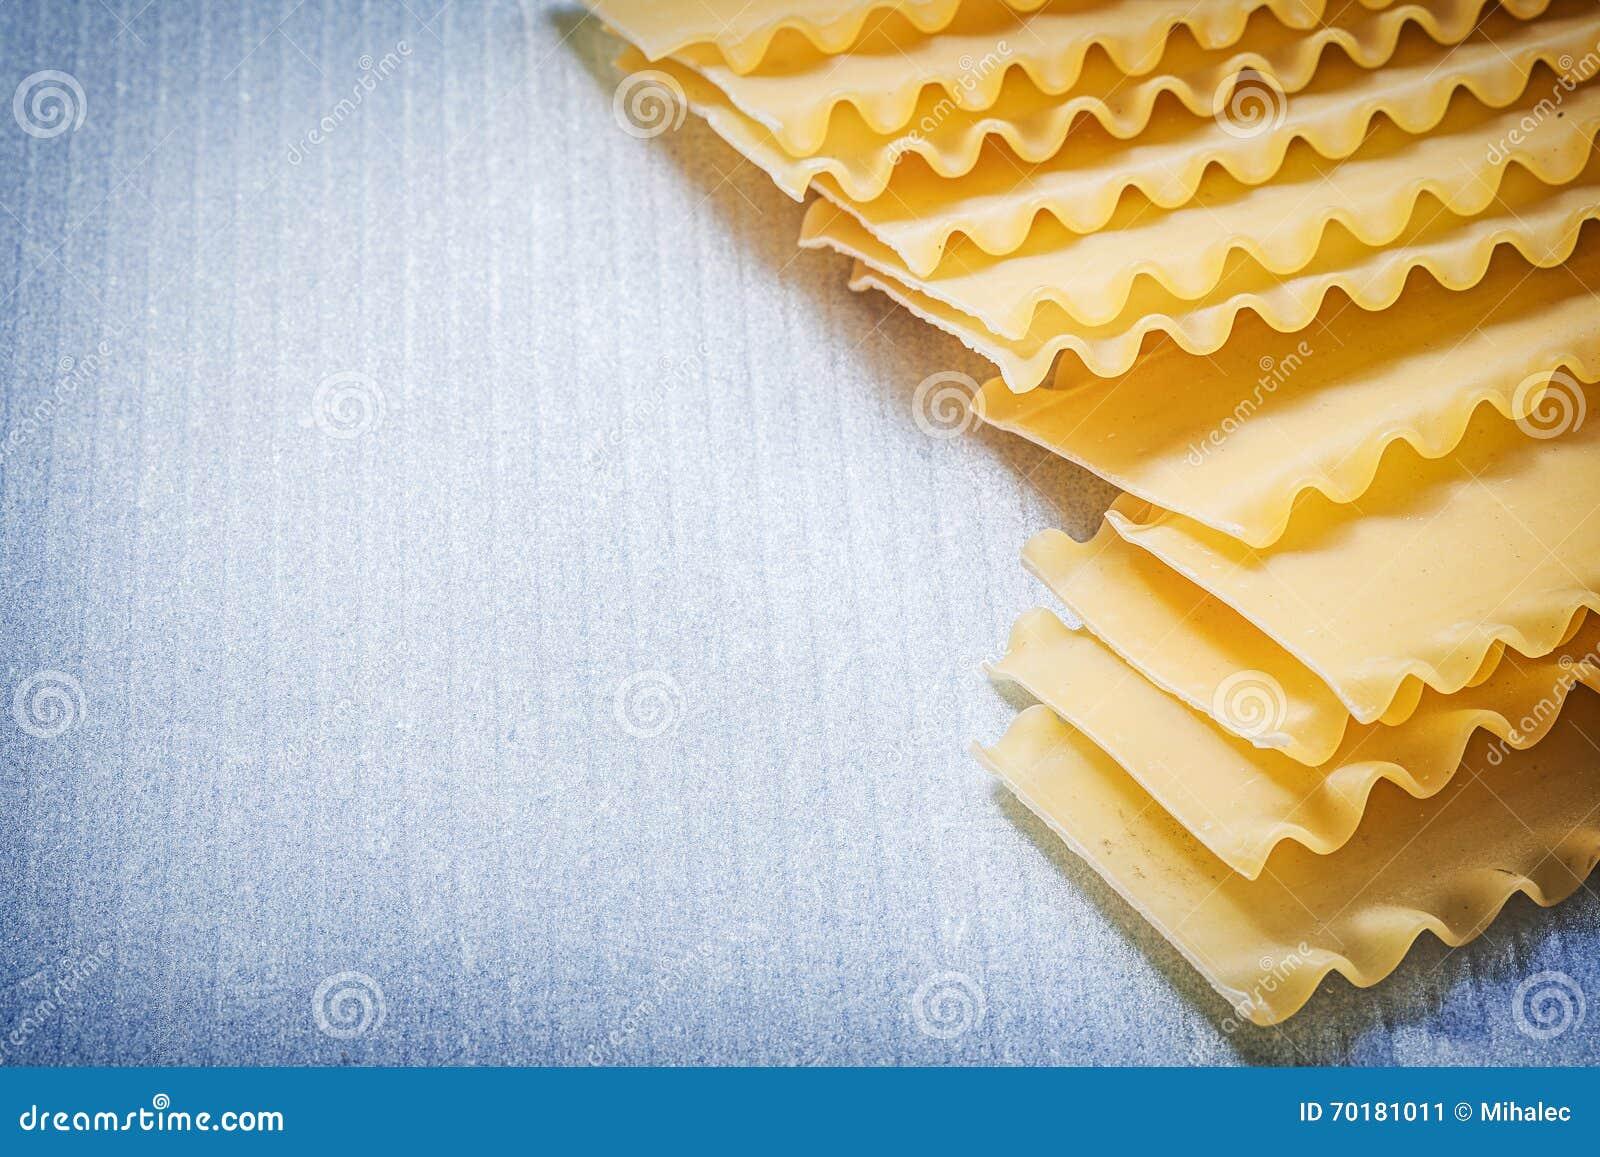 Rå lasagnepasta på blått ytbehandlar mat- och drinkbegrepp